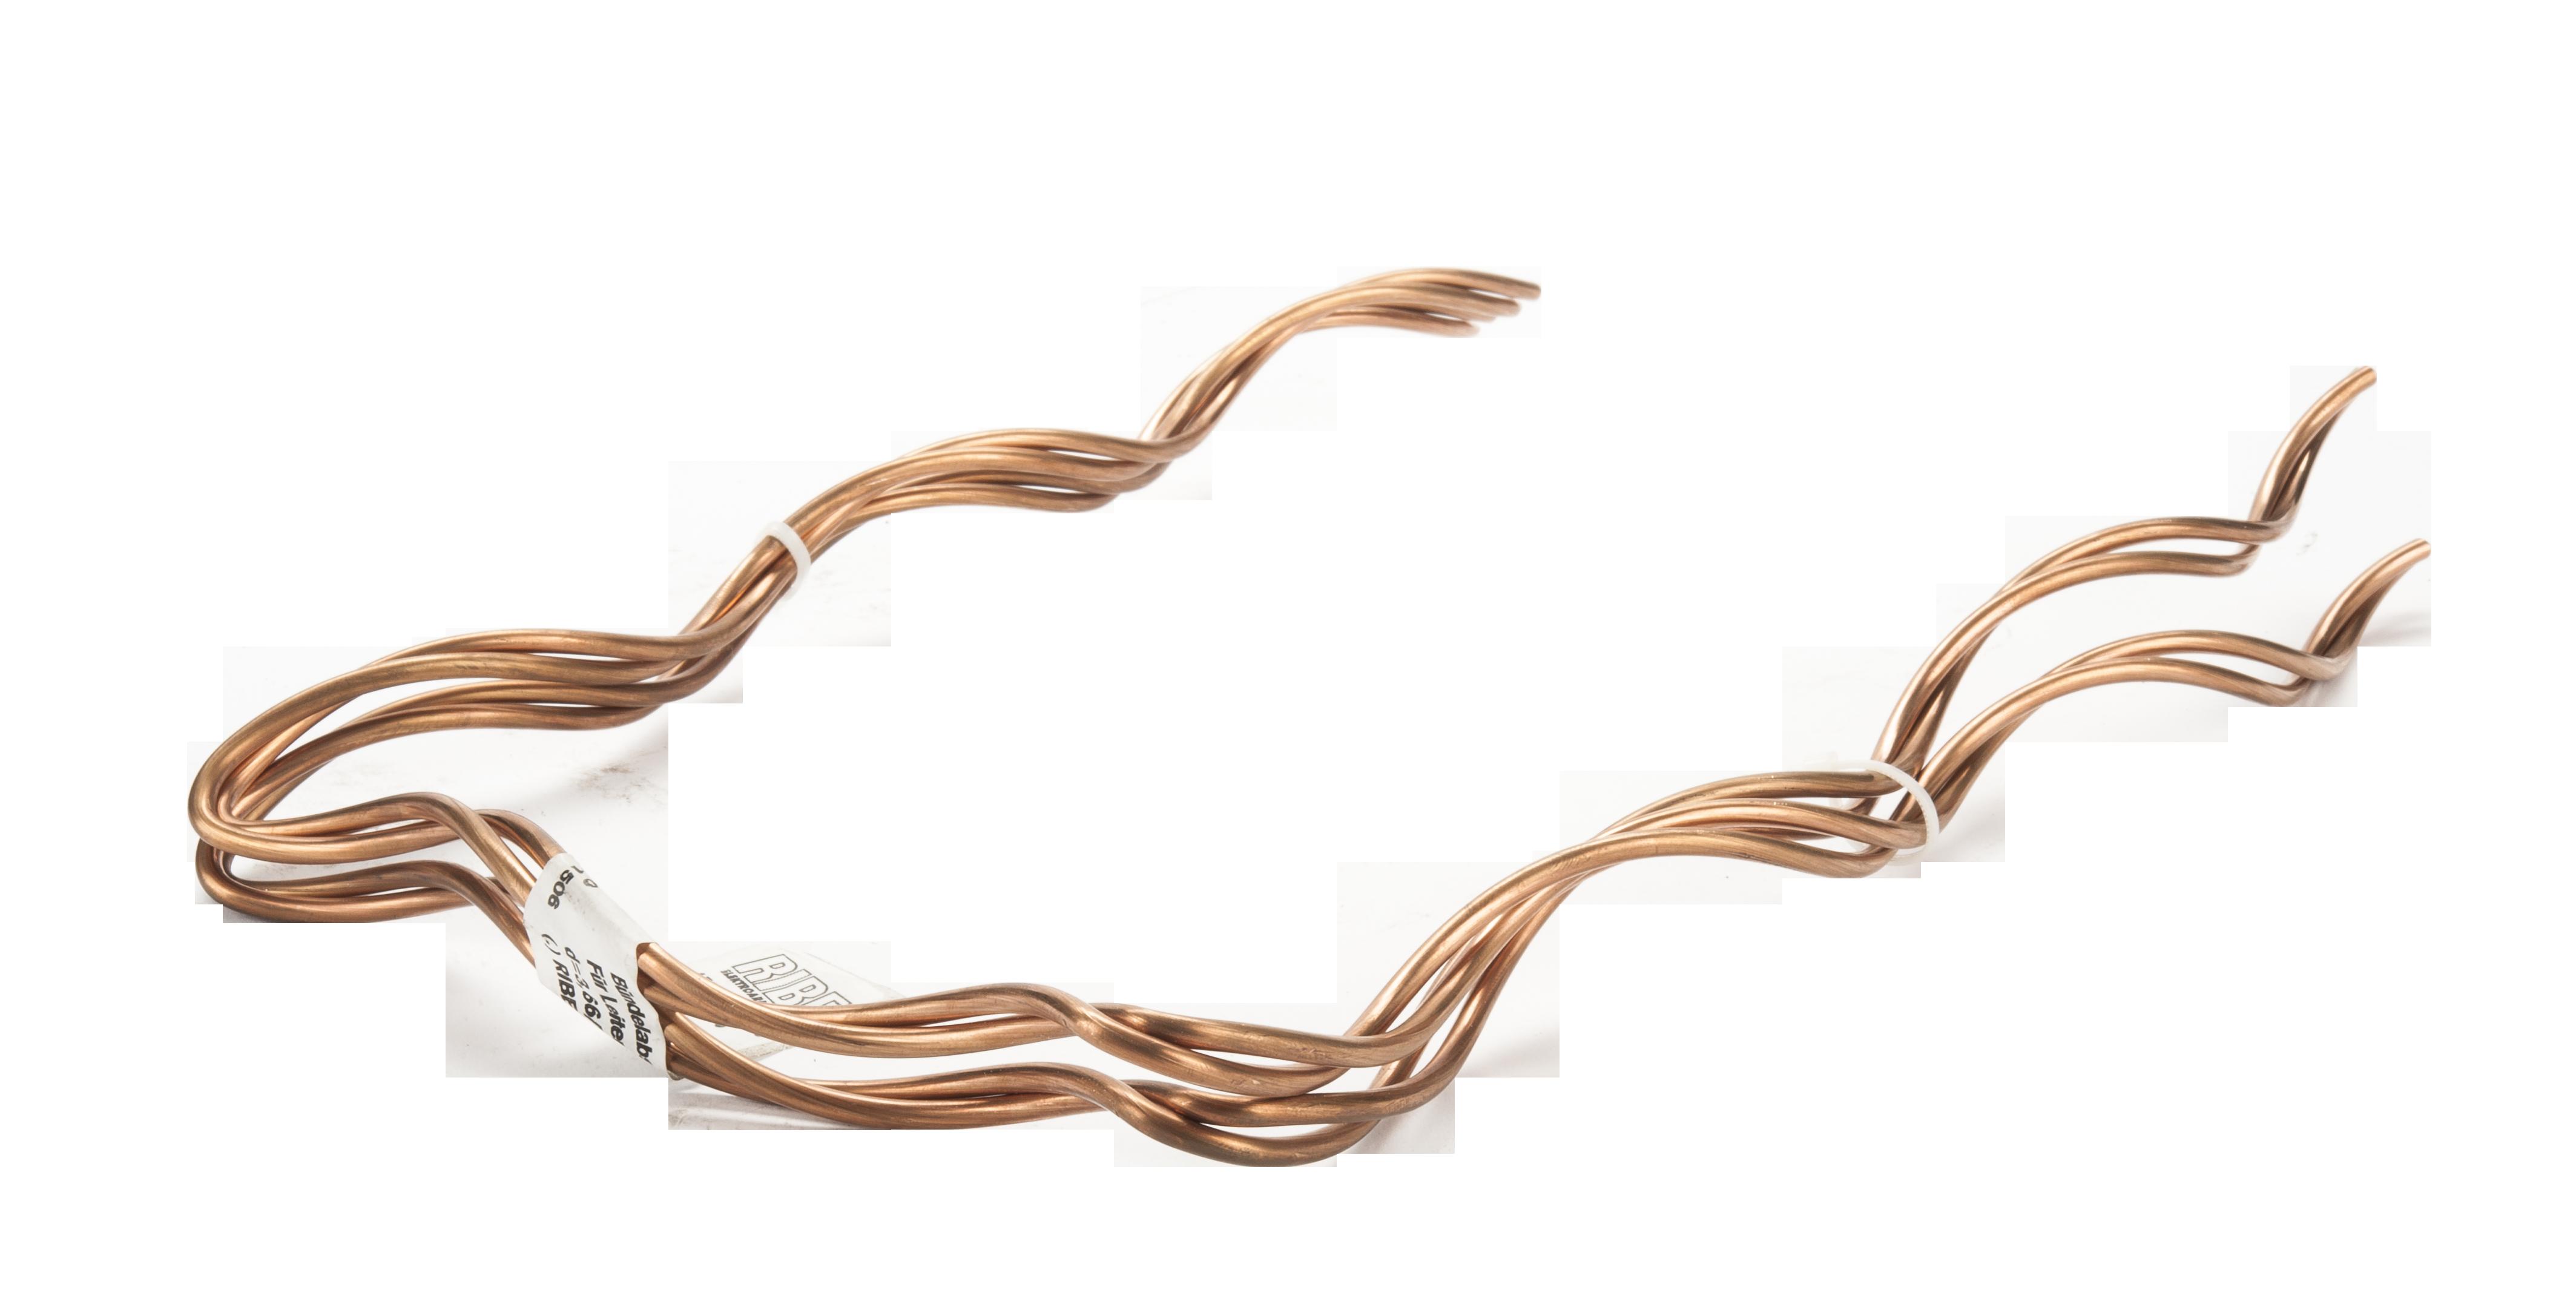 Spiraal afstandhouder (set 2 stuks)